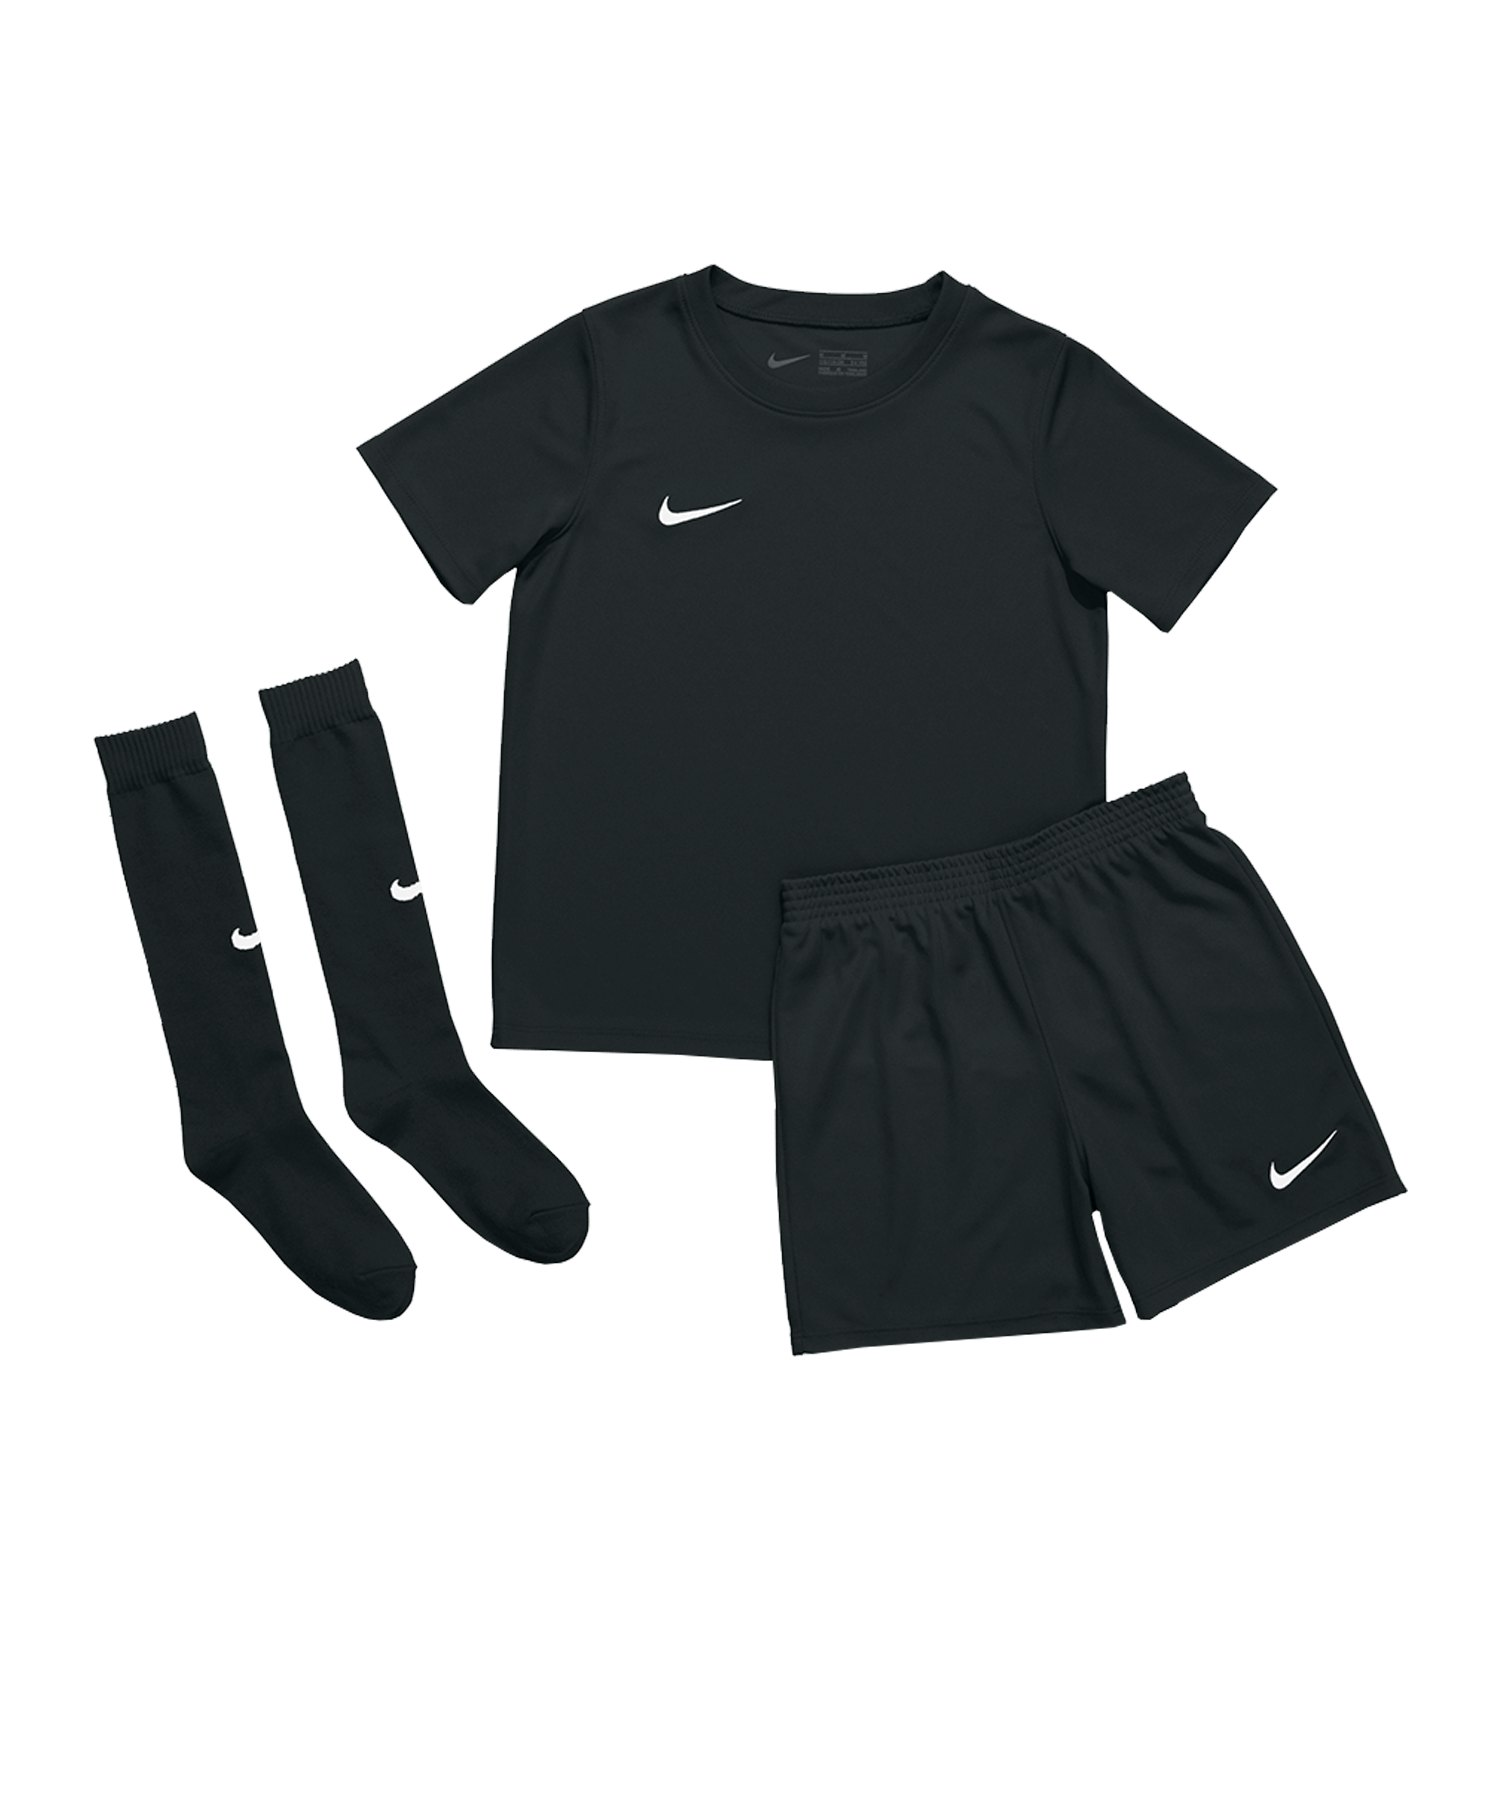 Nike Park 20 Kit Kids Schwarz F010 - schwarz